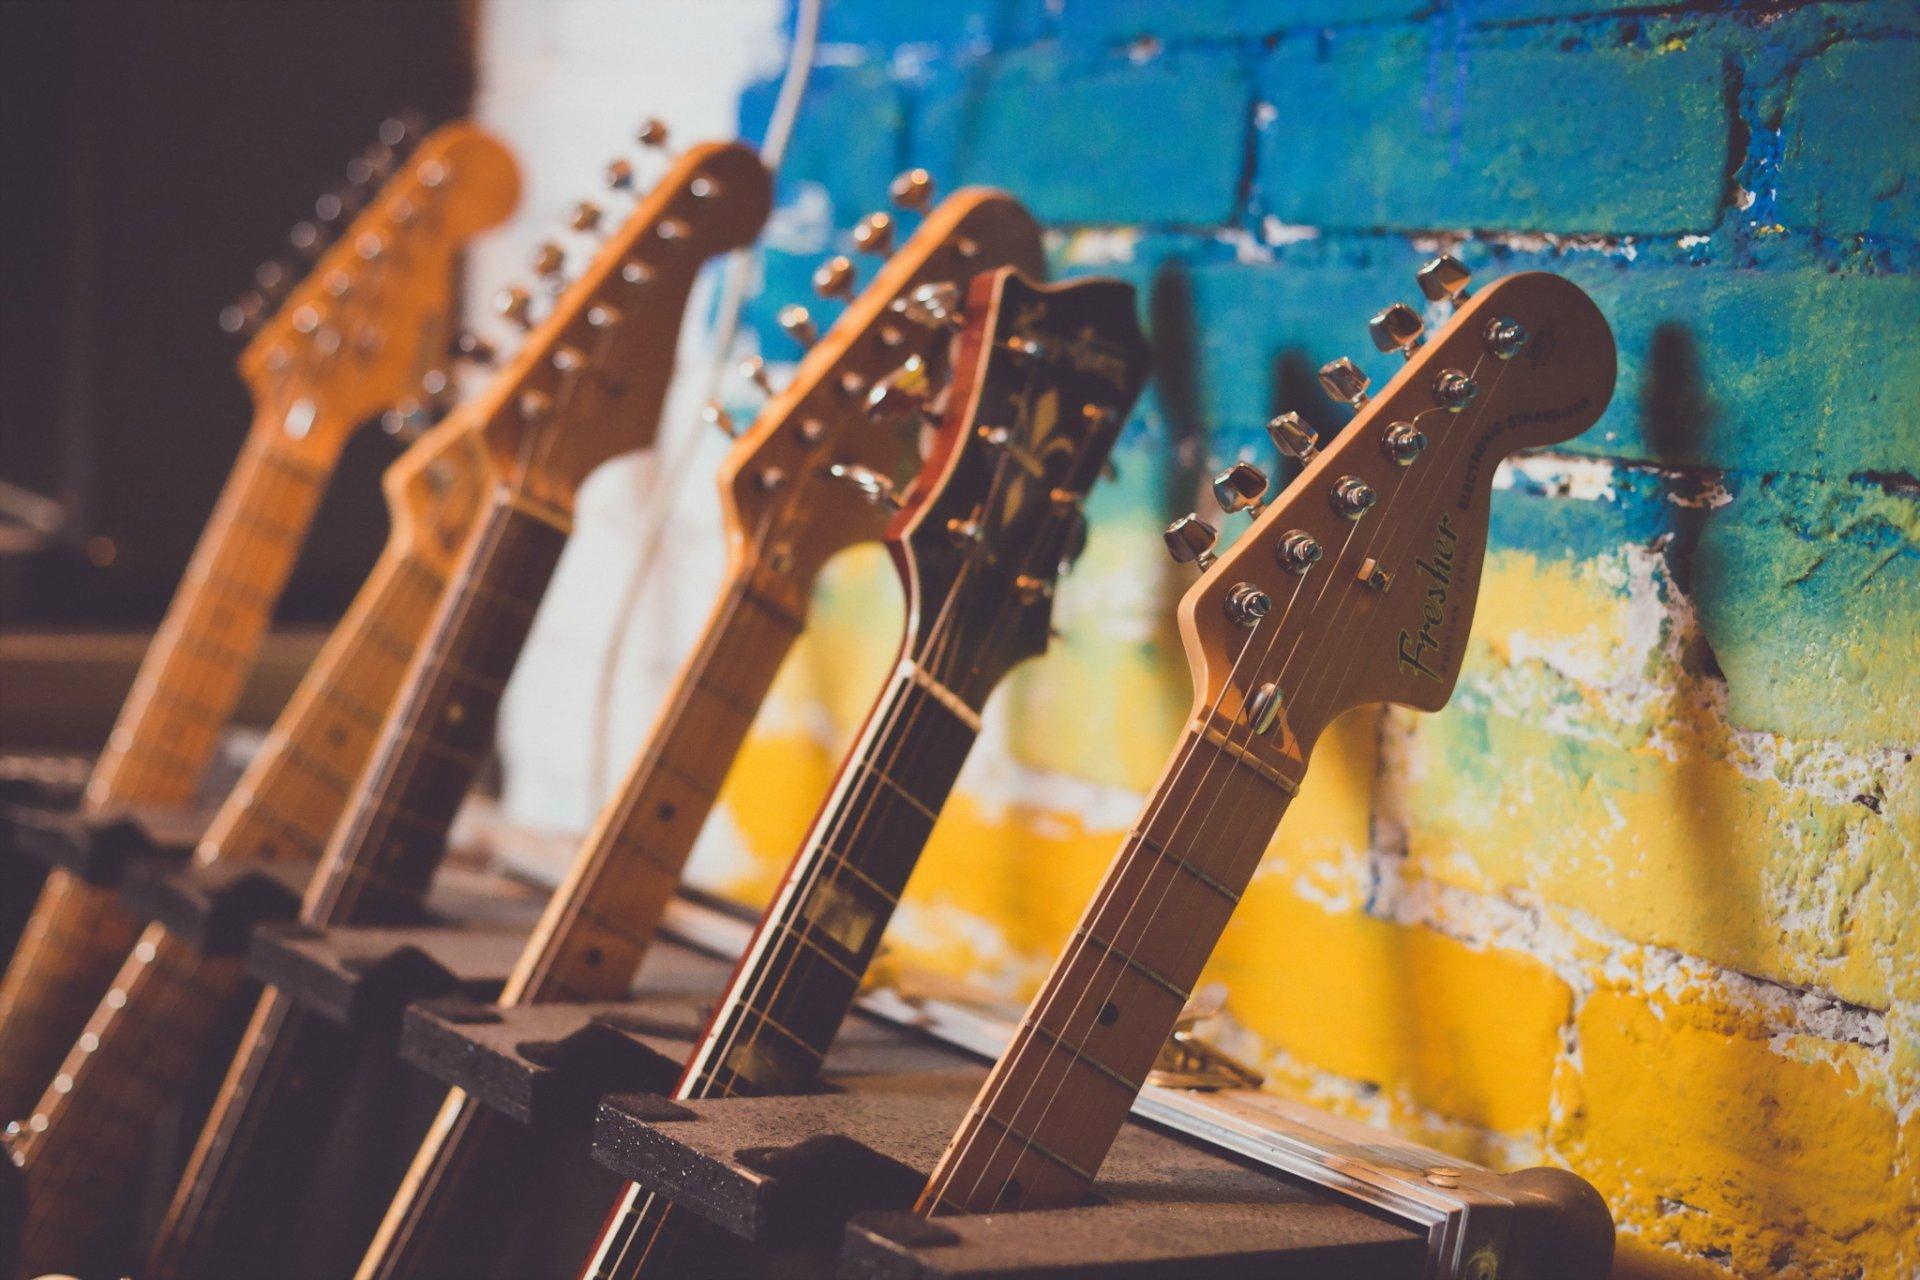 обои для рабочего стола гитара сохранятся памяти при